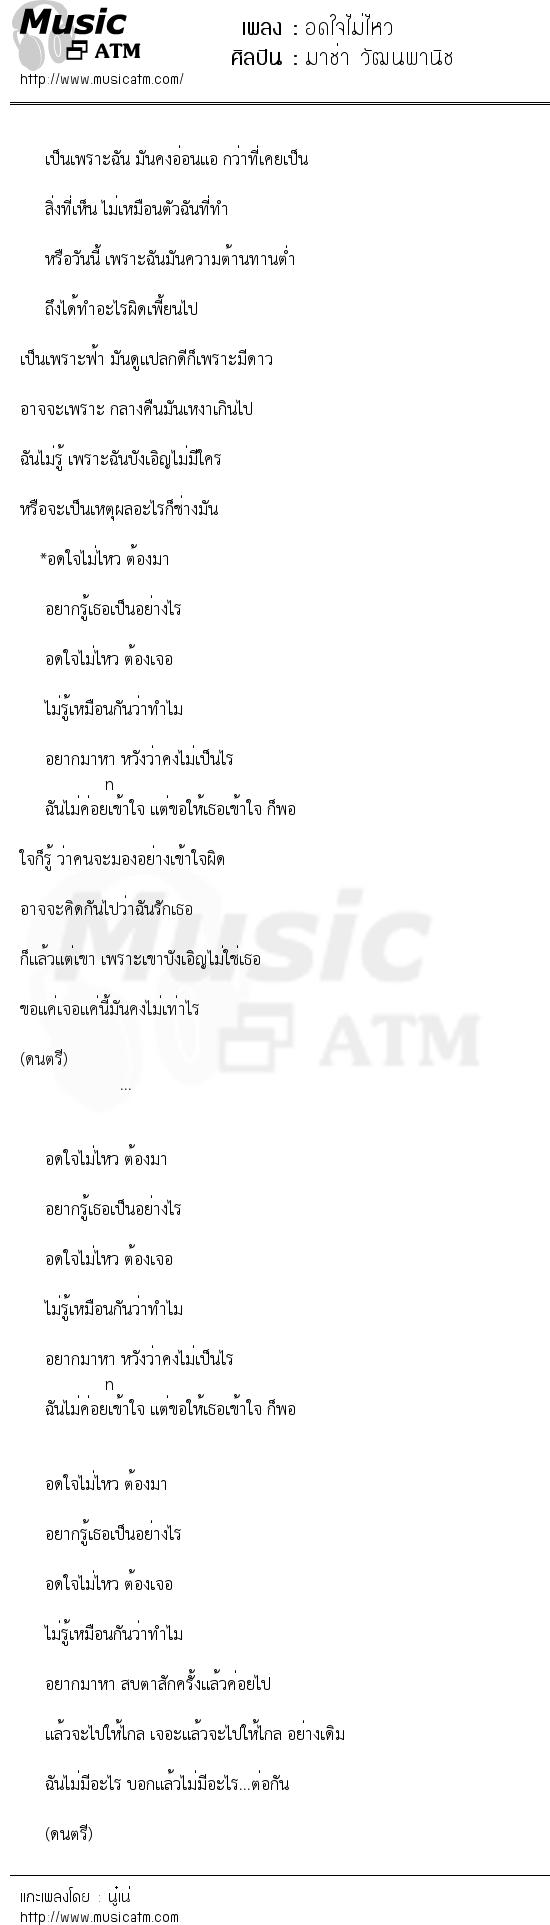 เนื้อเพลง อดใจไม่ไหว - มาช่า วัฒนพานิช   เพลงไทย